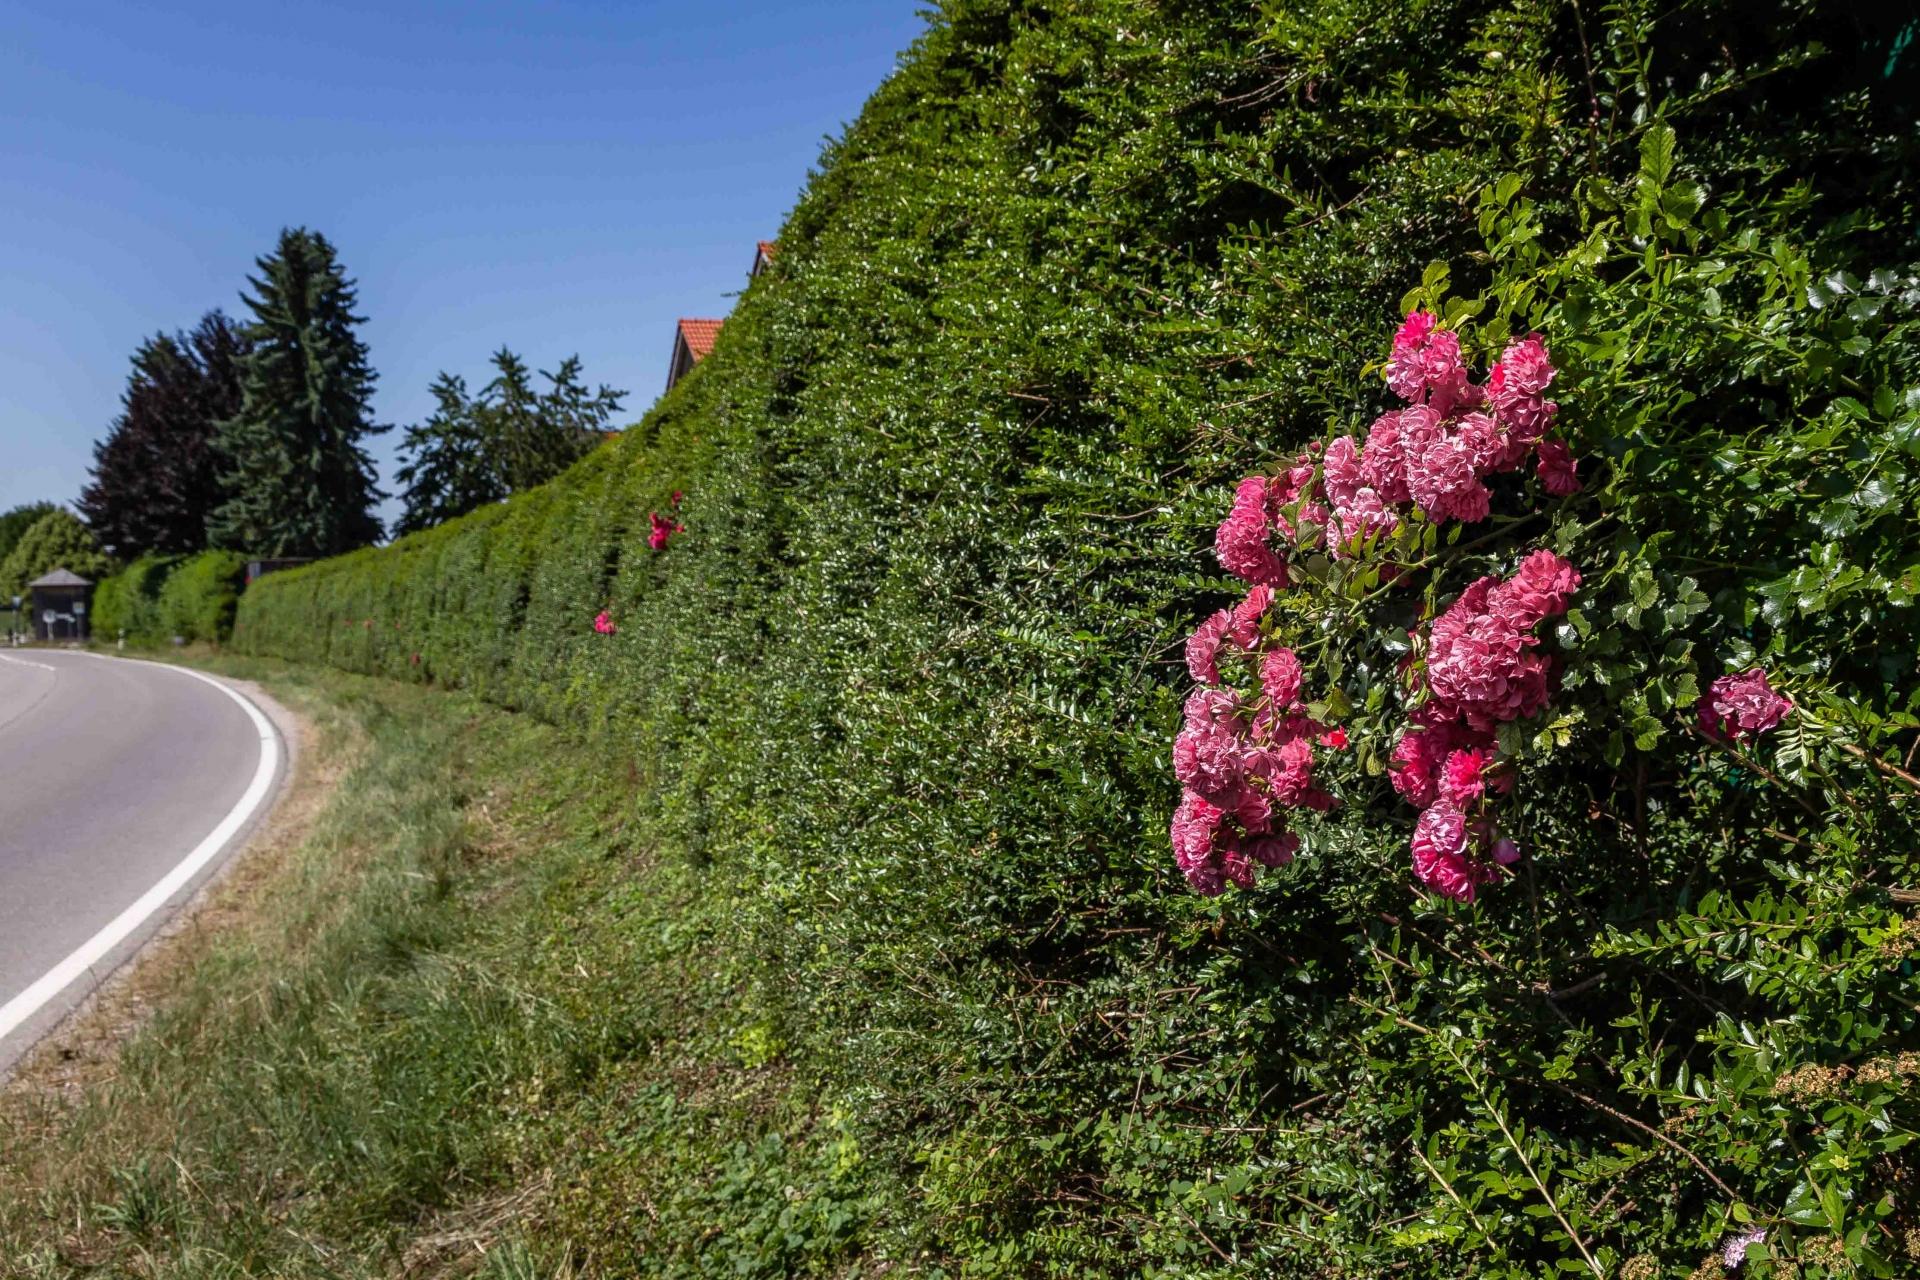 Rosen in einer voll begrünten Lärmschutzwand